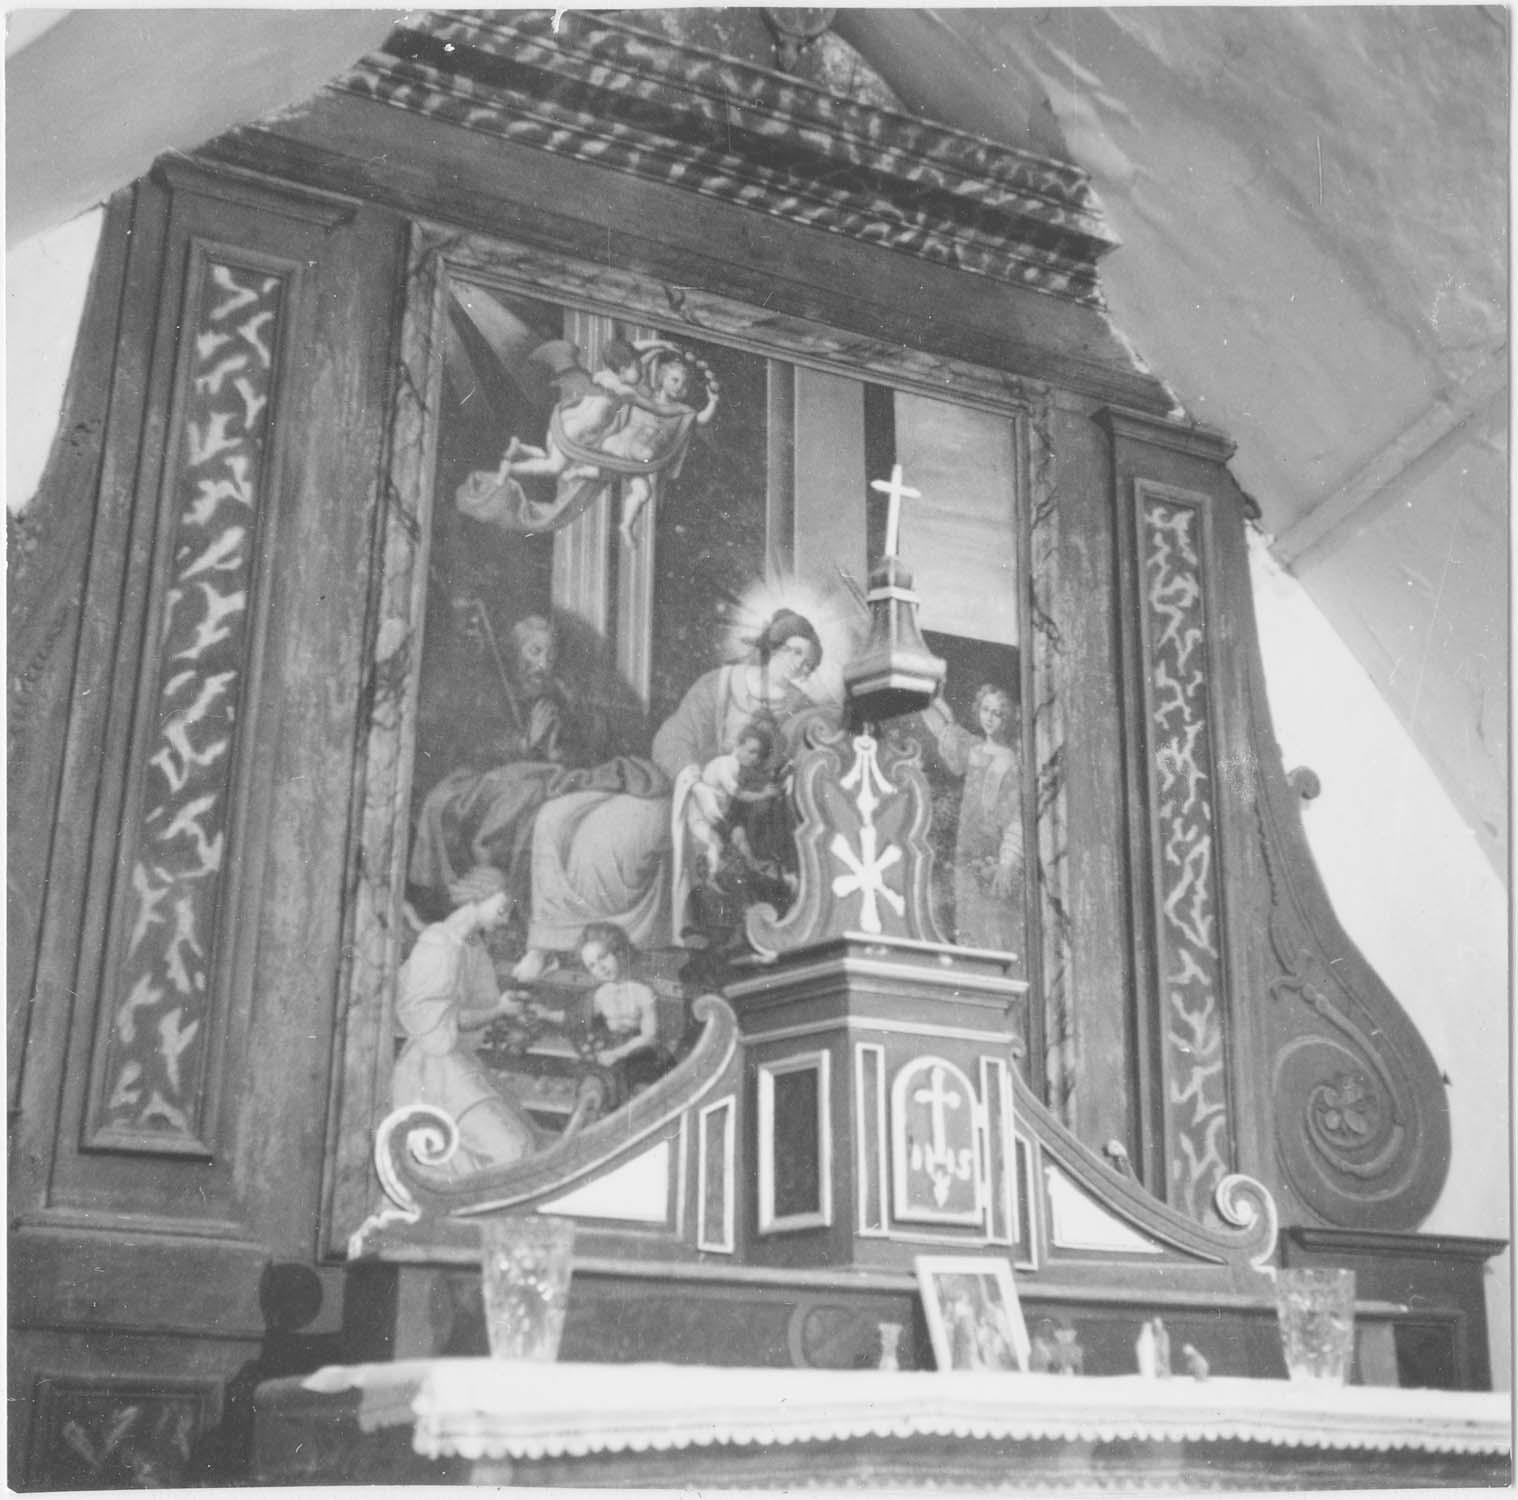 Tableau du maître-autel : La Vierge présentant l'Enfant Jésus à saint Martin